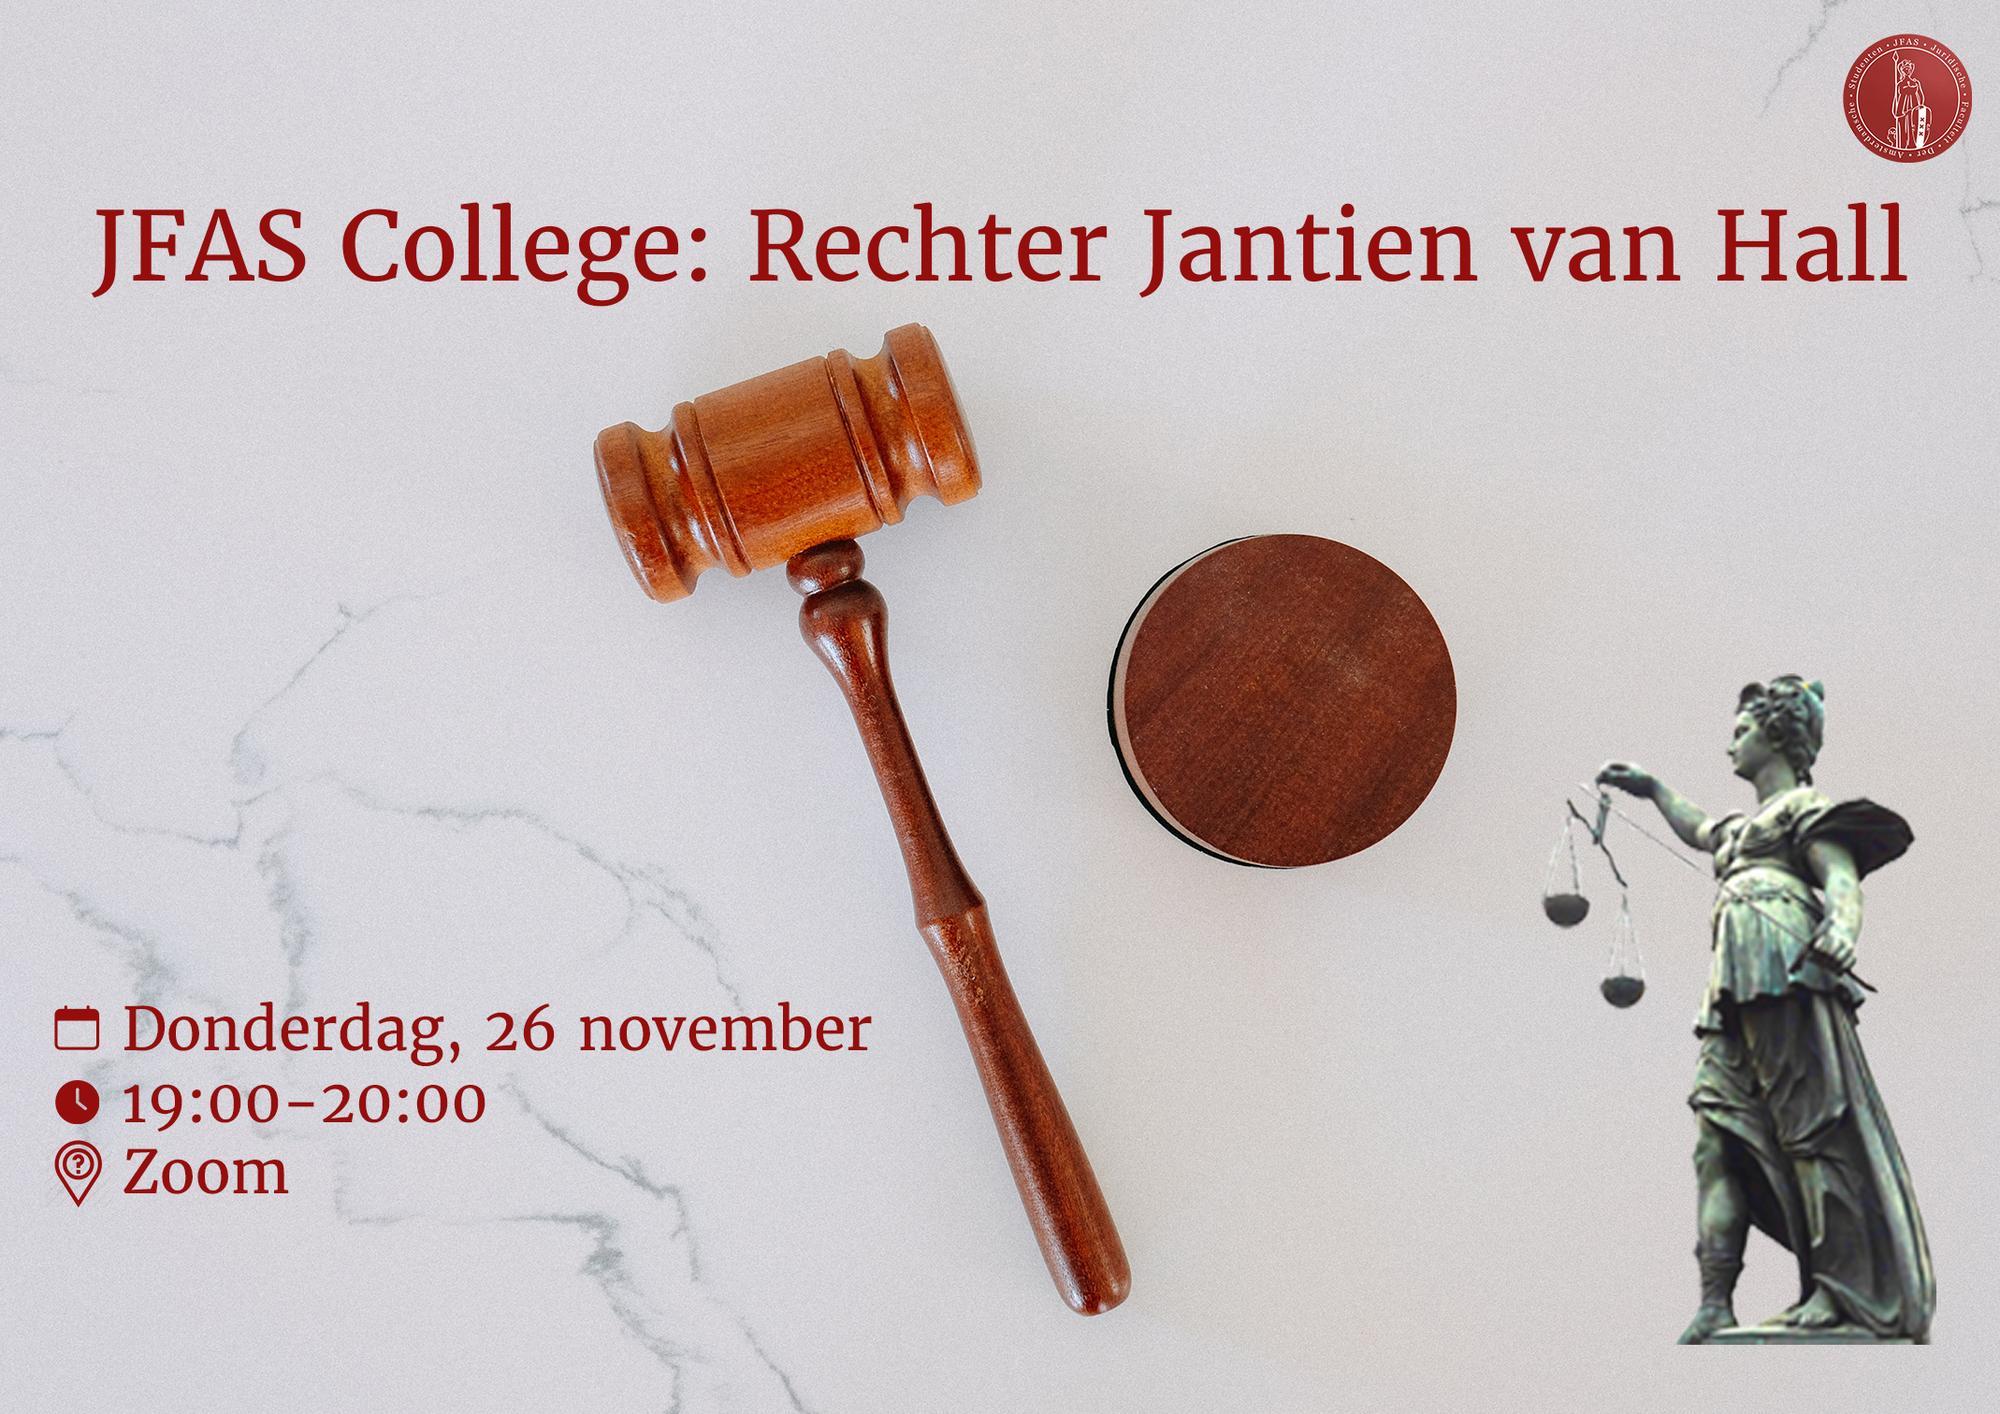 College Rechter Jantien van Hall